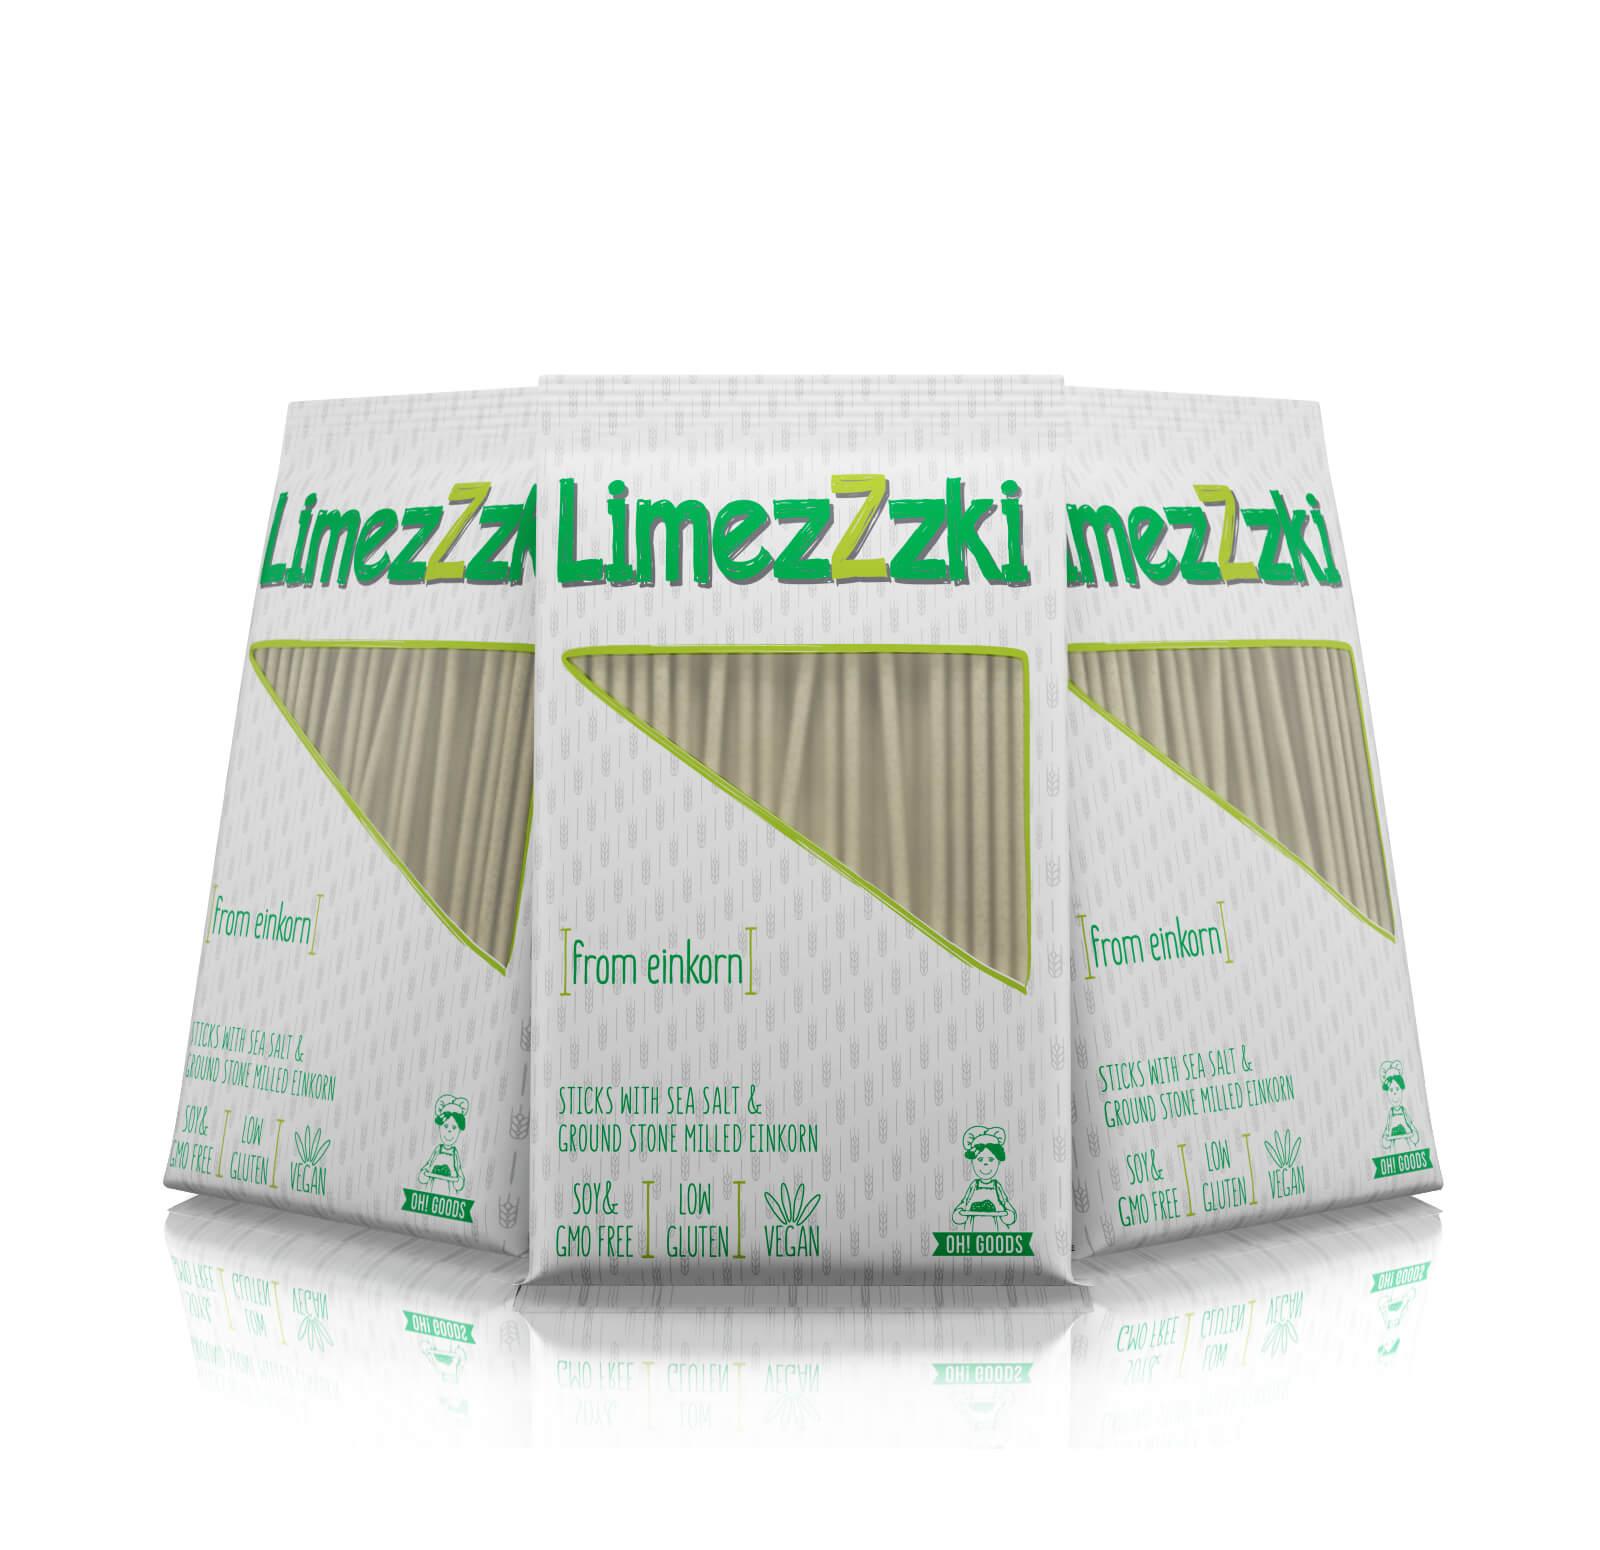 LimezZzki patented einkorn sticks low gluten suitable for kids